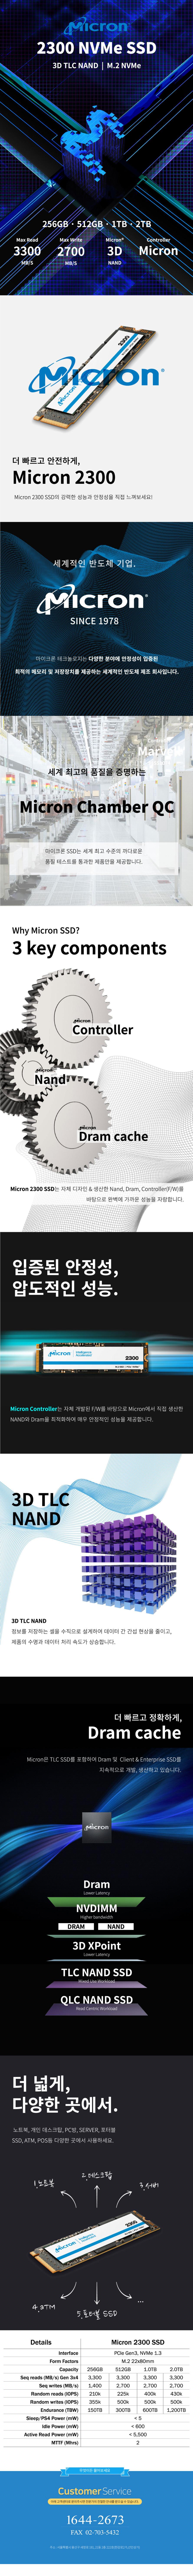 마이크론 2300 M.2 NVMe (256GB)